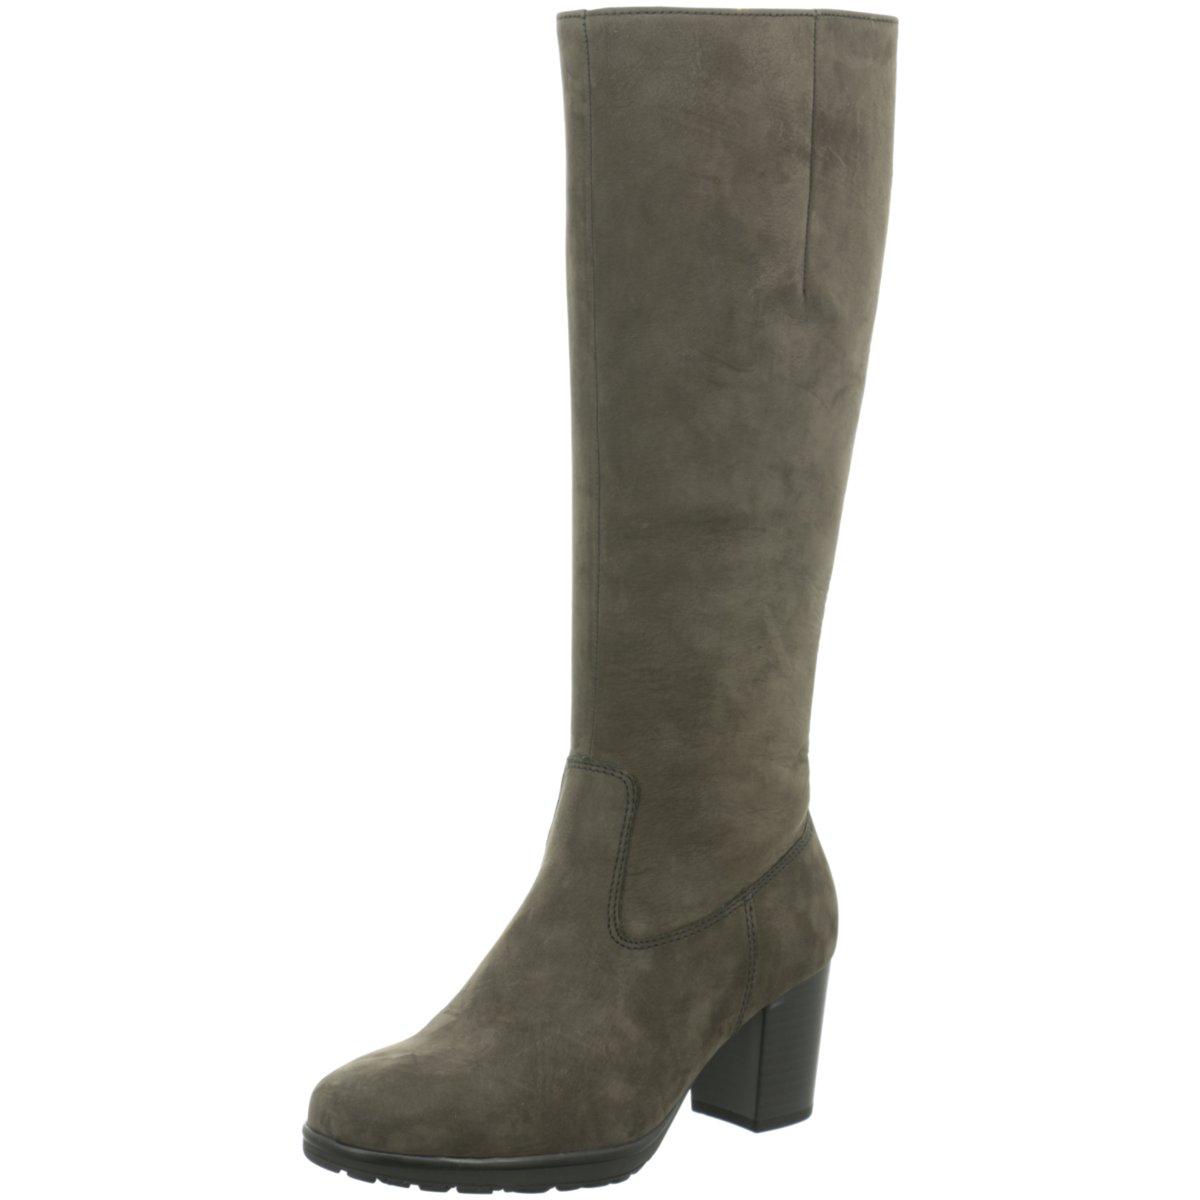 Damen grau Stiefel 335600 19 Gabor 549 75 c04cdasov65129 kZXuiOPT